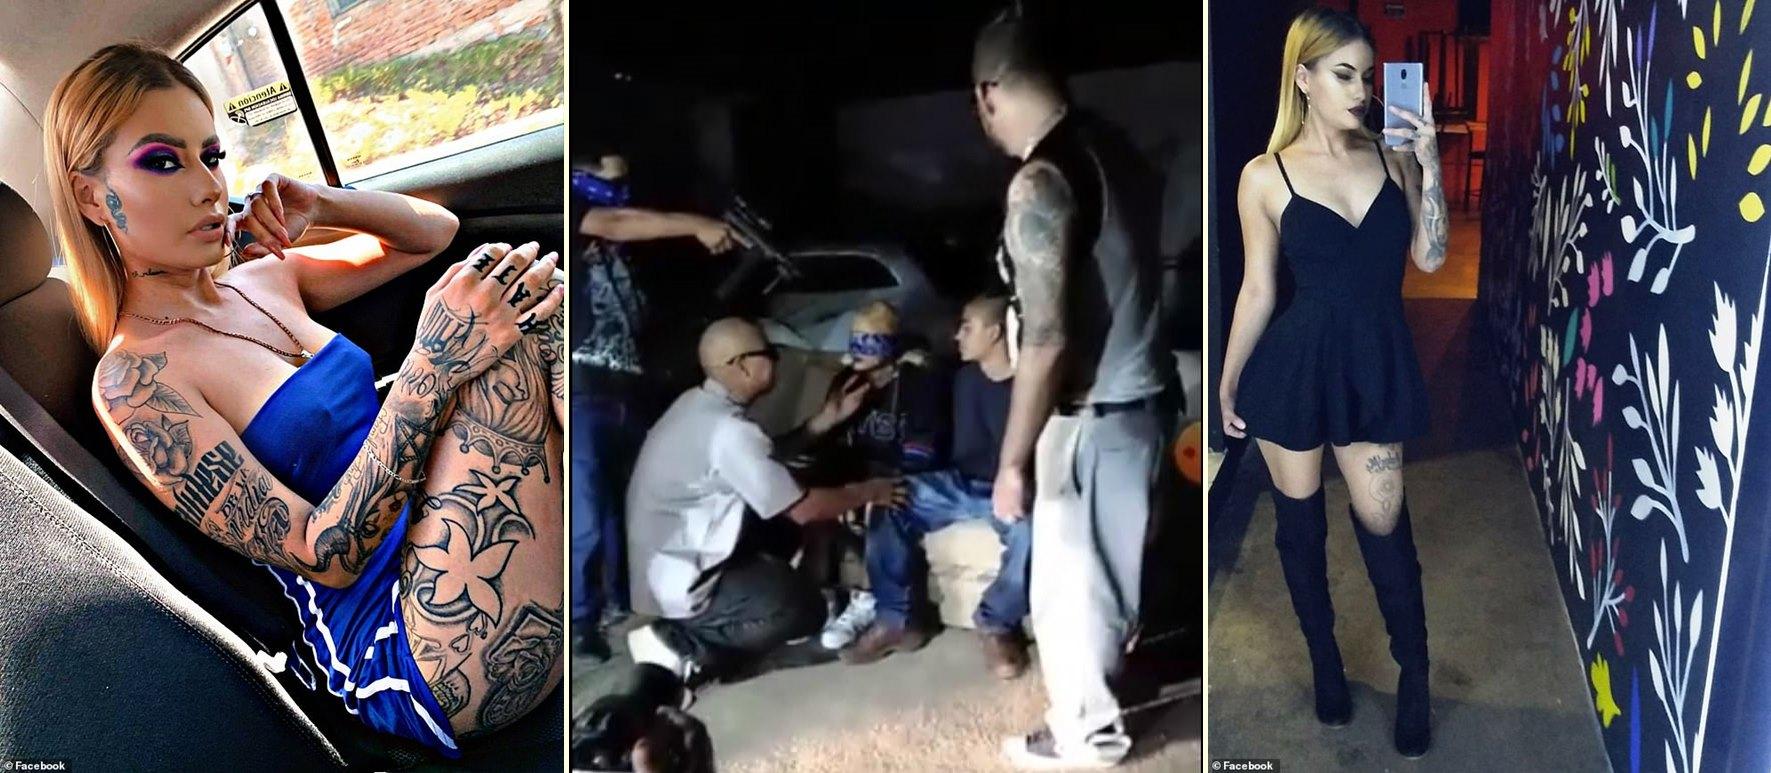 TikTok İçin 'Adam Kaçırma Videosu' Çekmek İsteyen Kadın Arkadaşları Tarafından Vurularak Hayatını Kaybetti